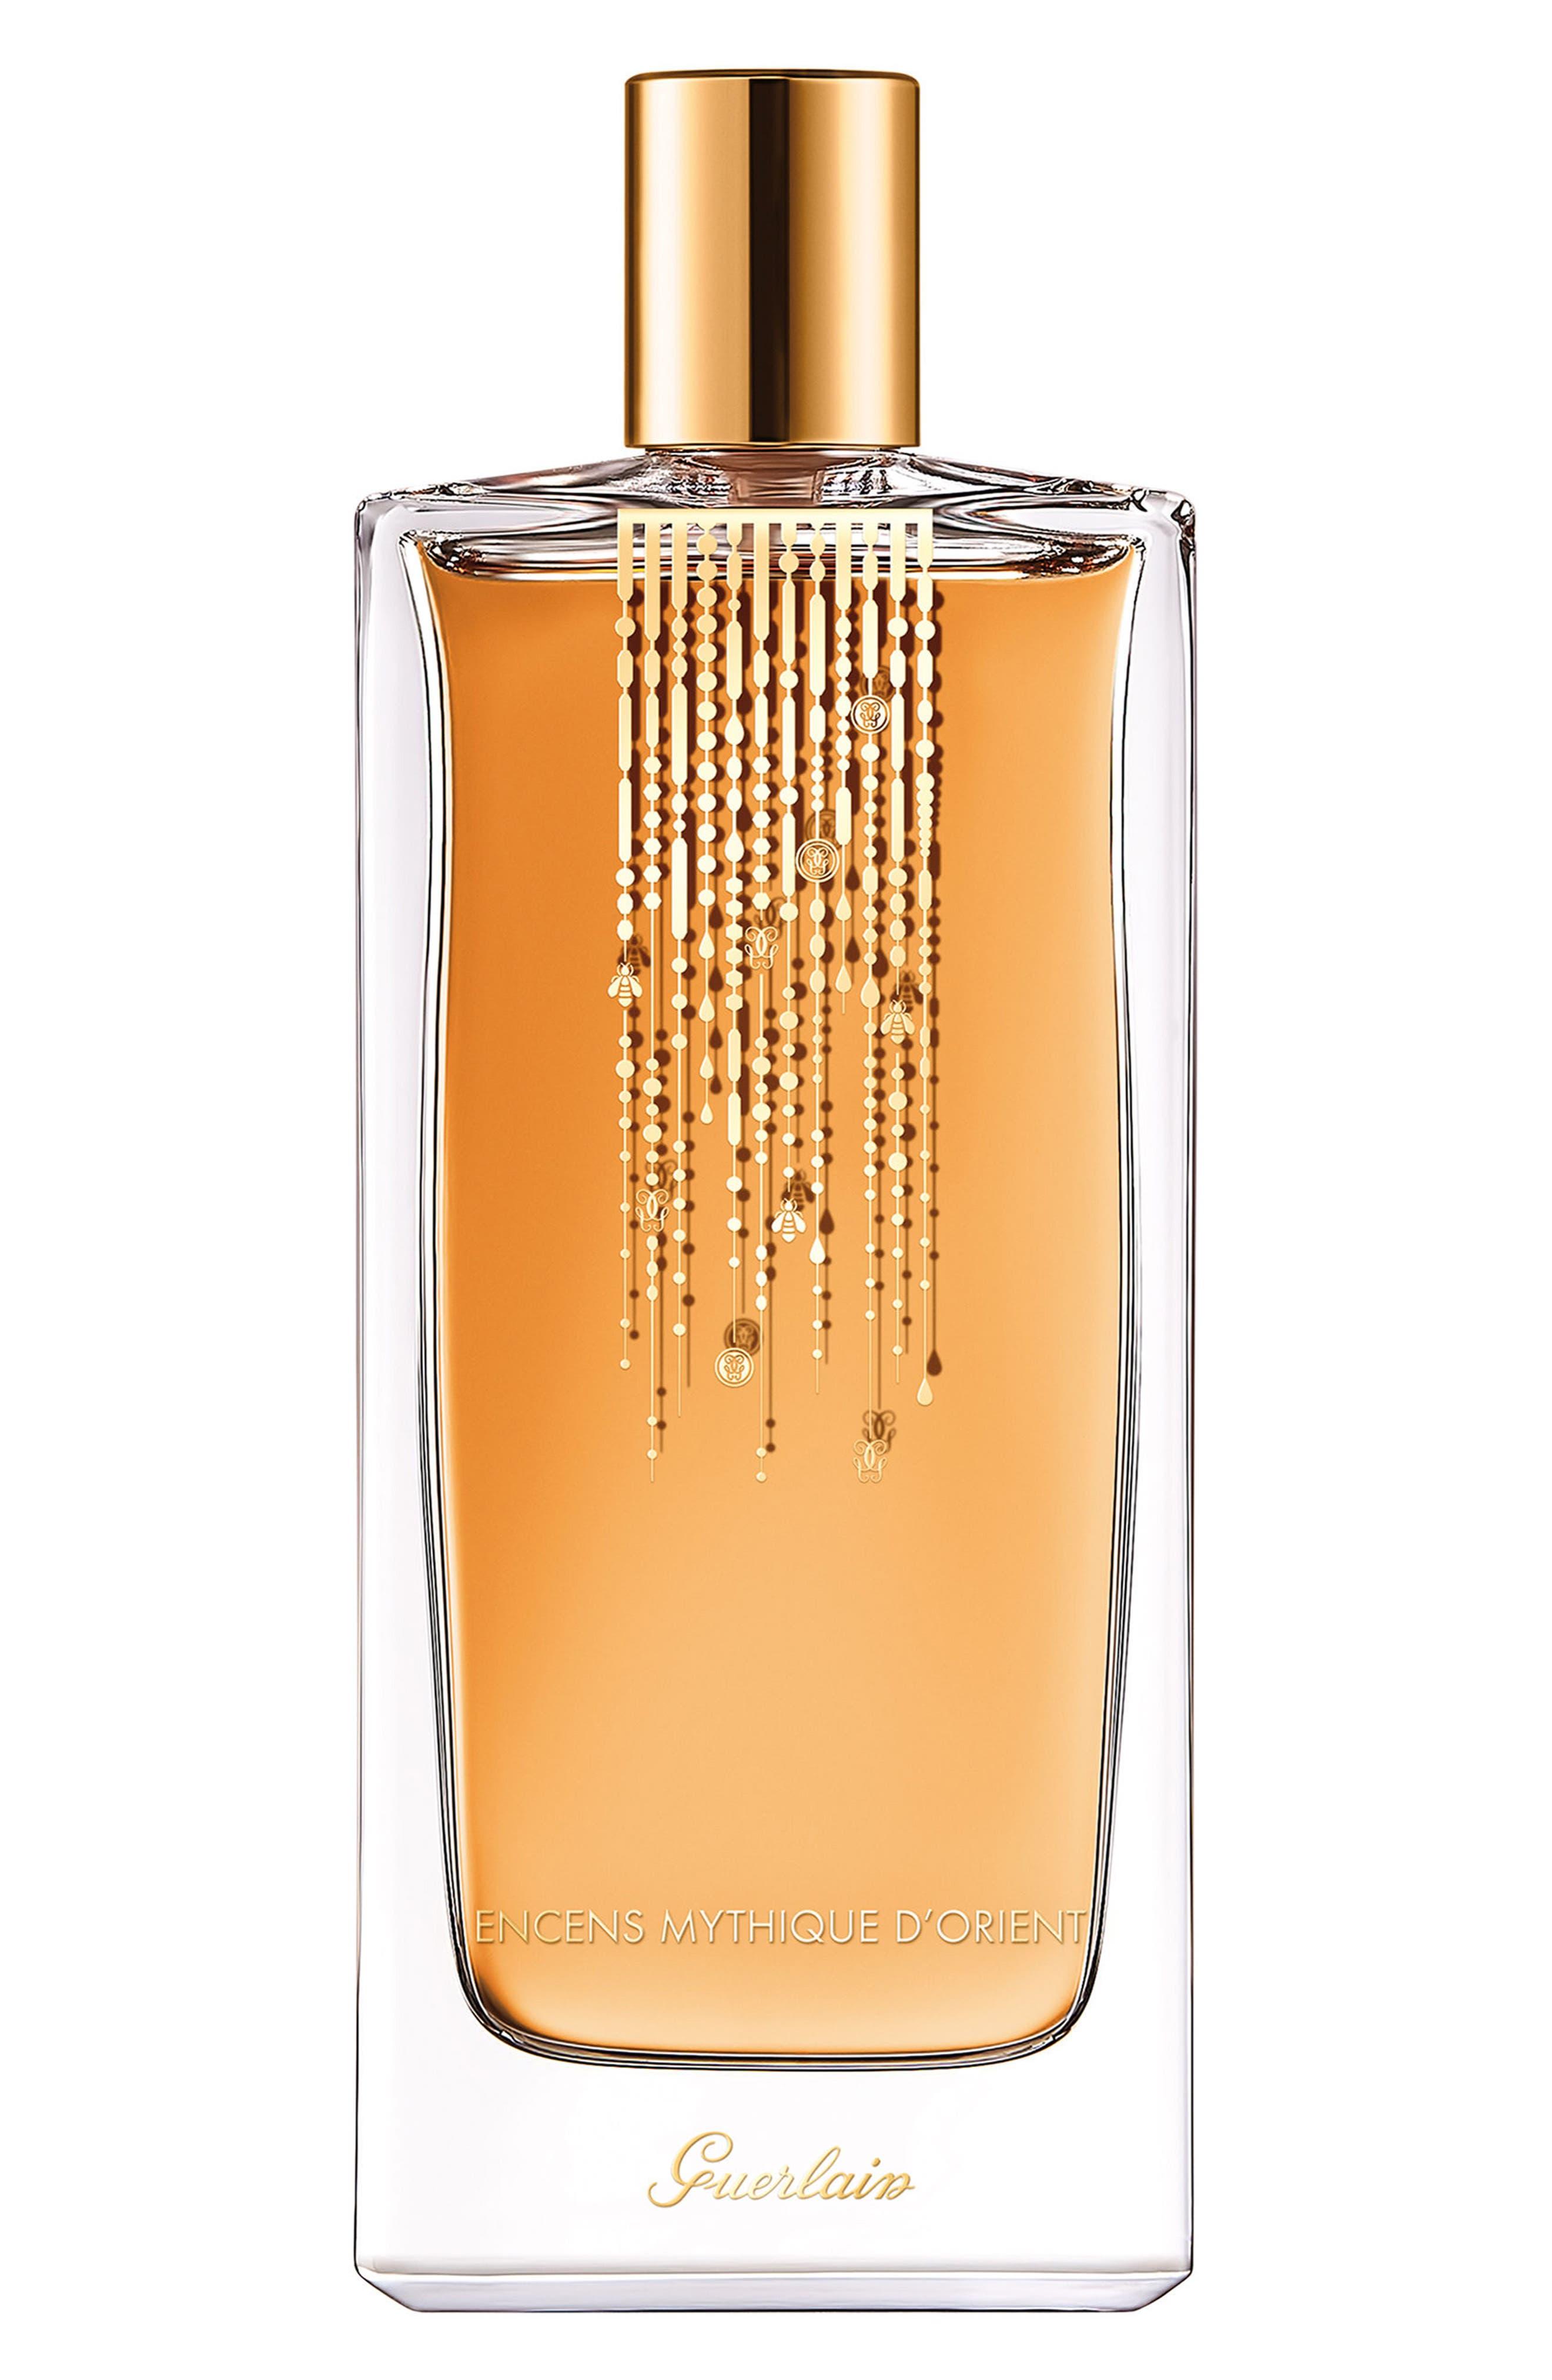 Guerlain Les Déserts d'Orient Encens Mythique d'Orient Eau de Parfum